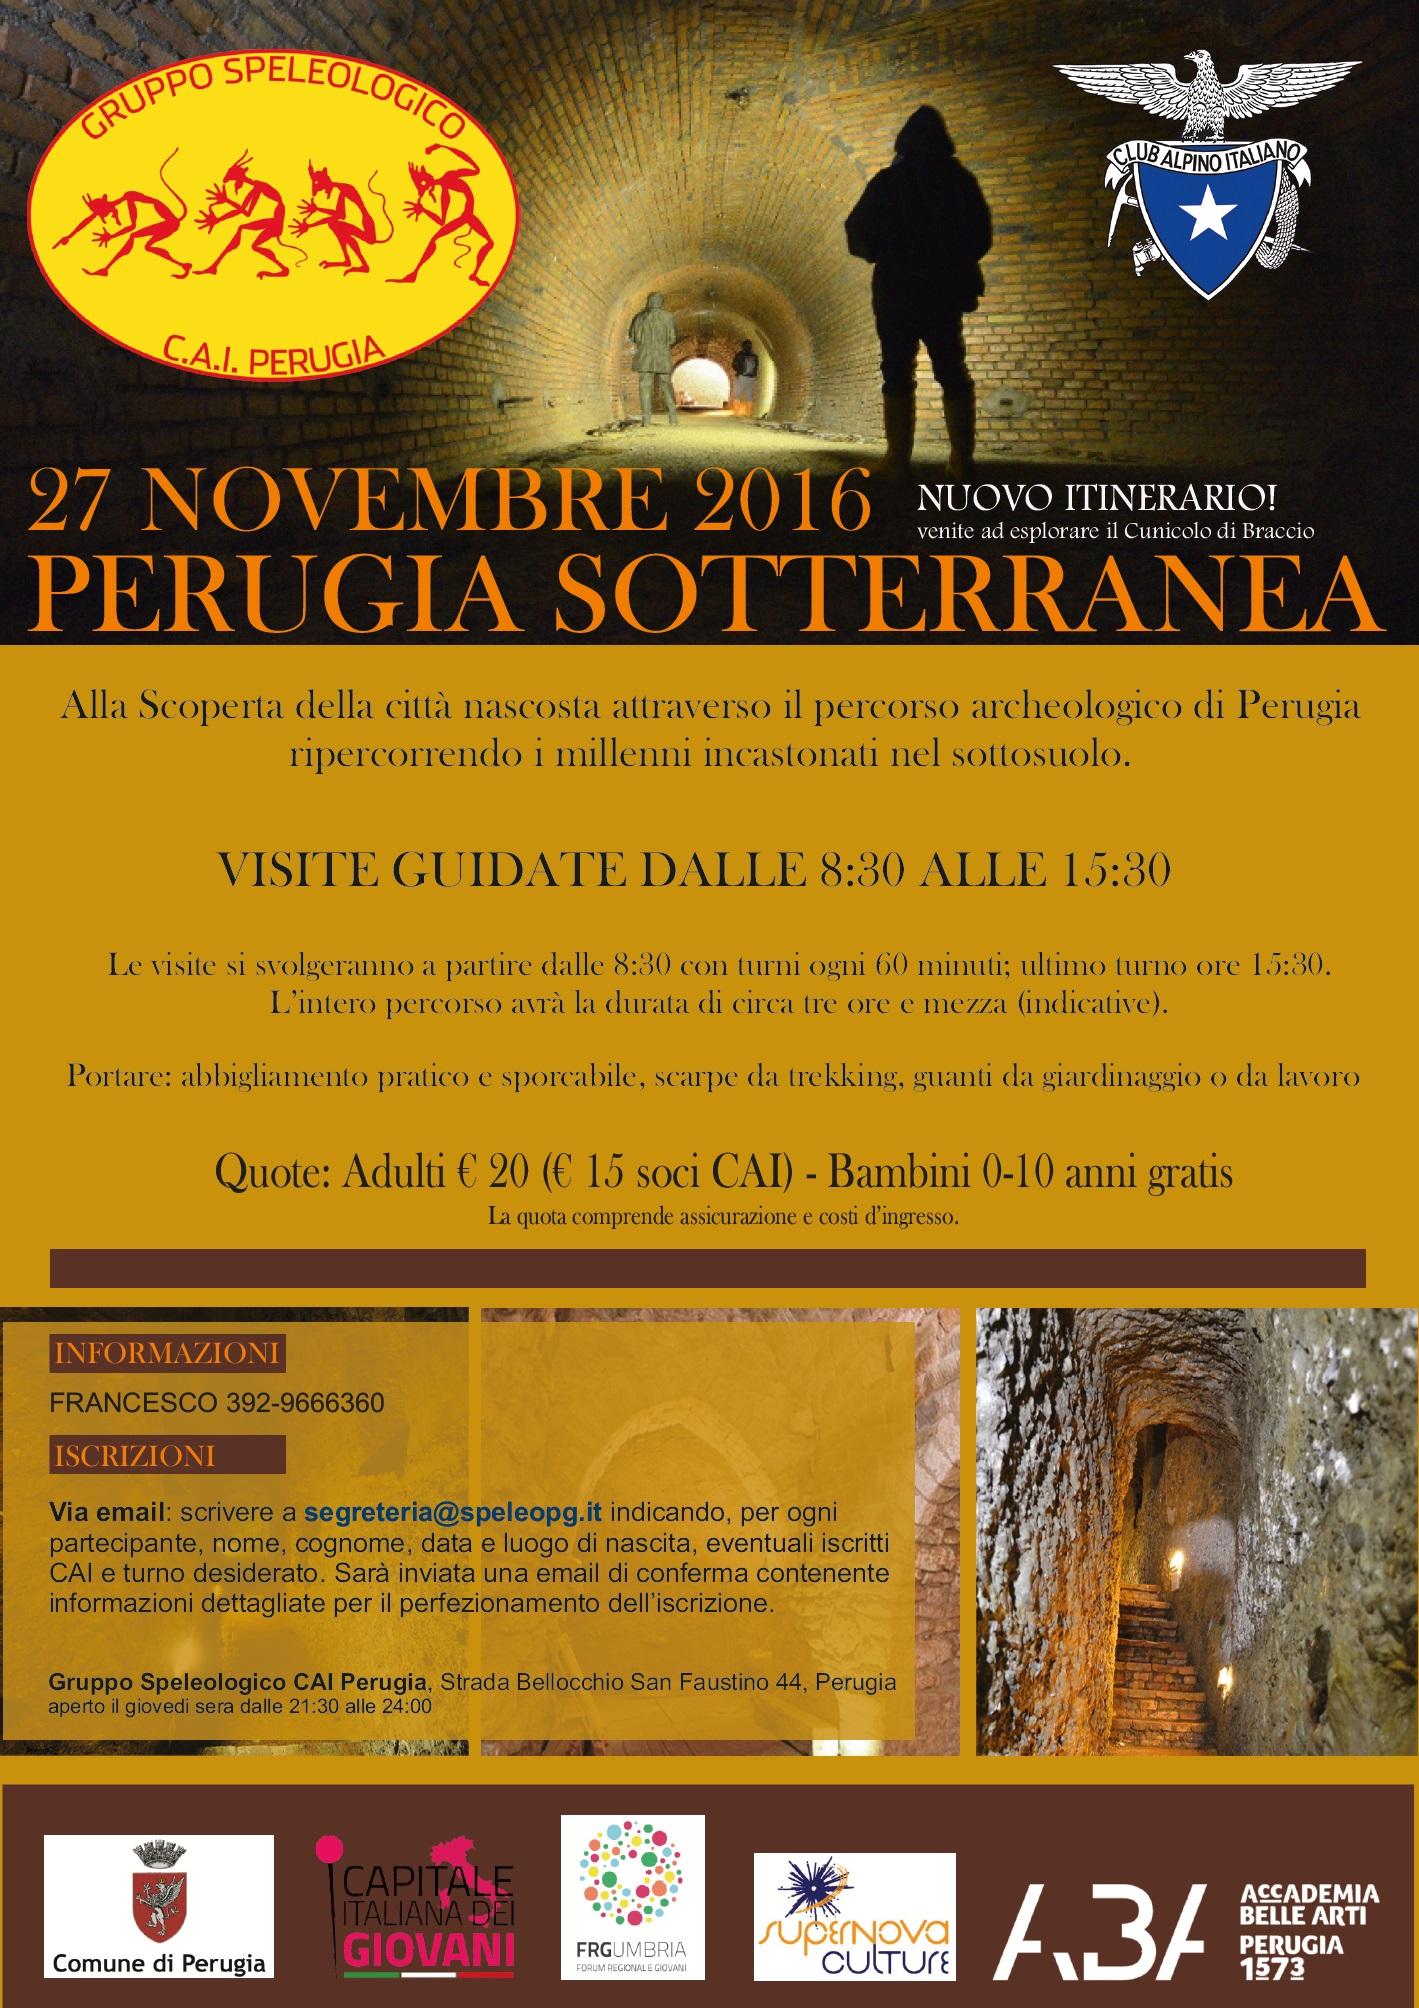 Perugia sotterranea 27/11/2016 iscrizioni aperte!